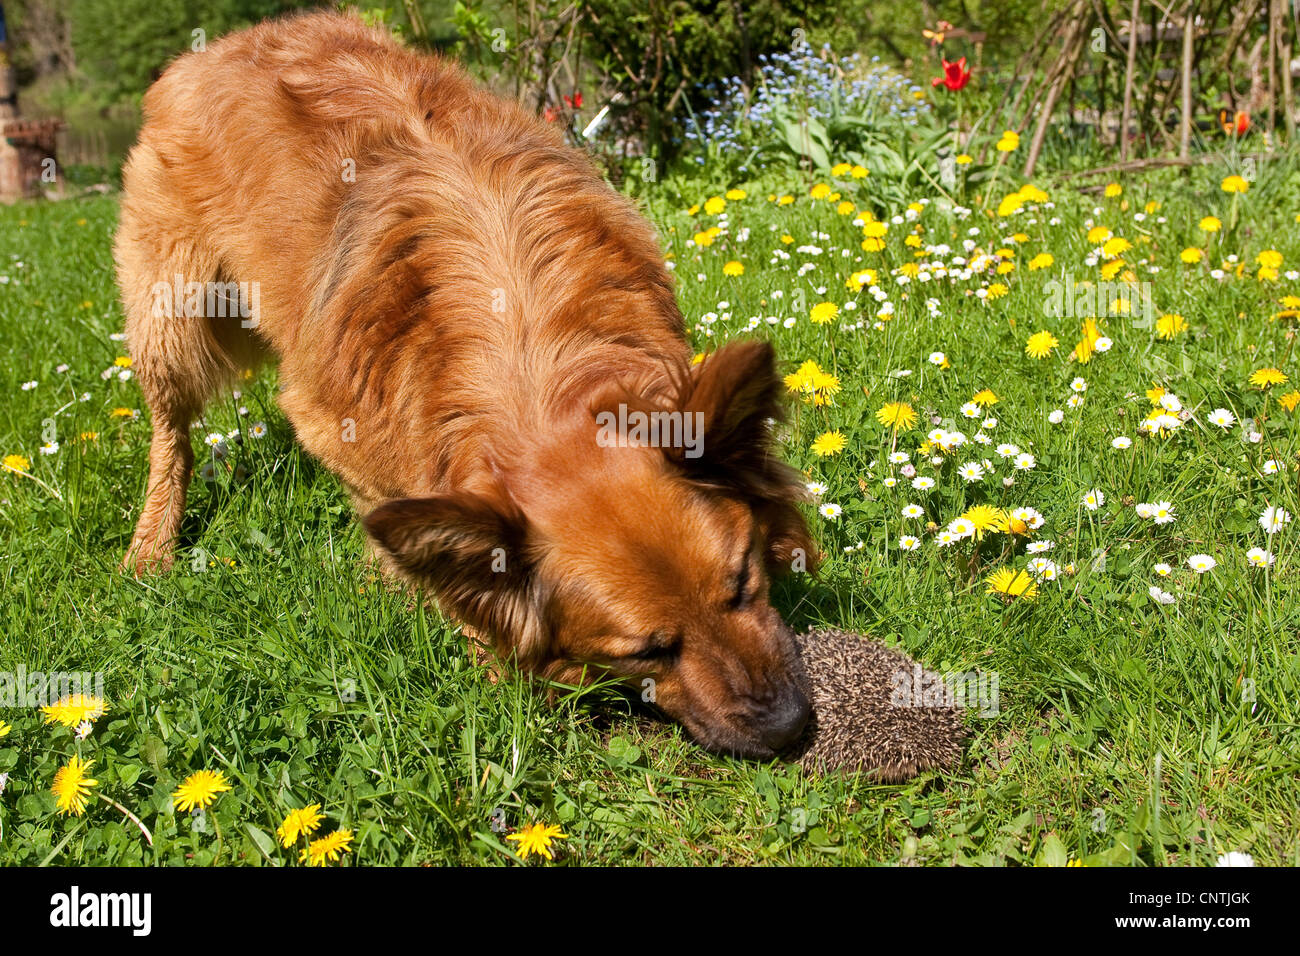 Western hedgehog, European hedgehog (Erinaceus europaeus), dog and hedgehog meeting in a meadow, Germany - Stock Image